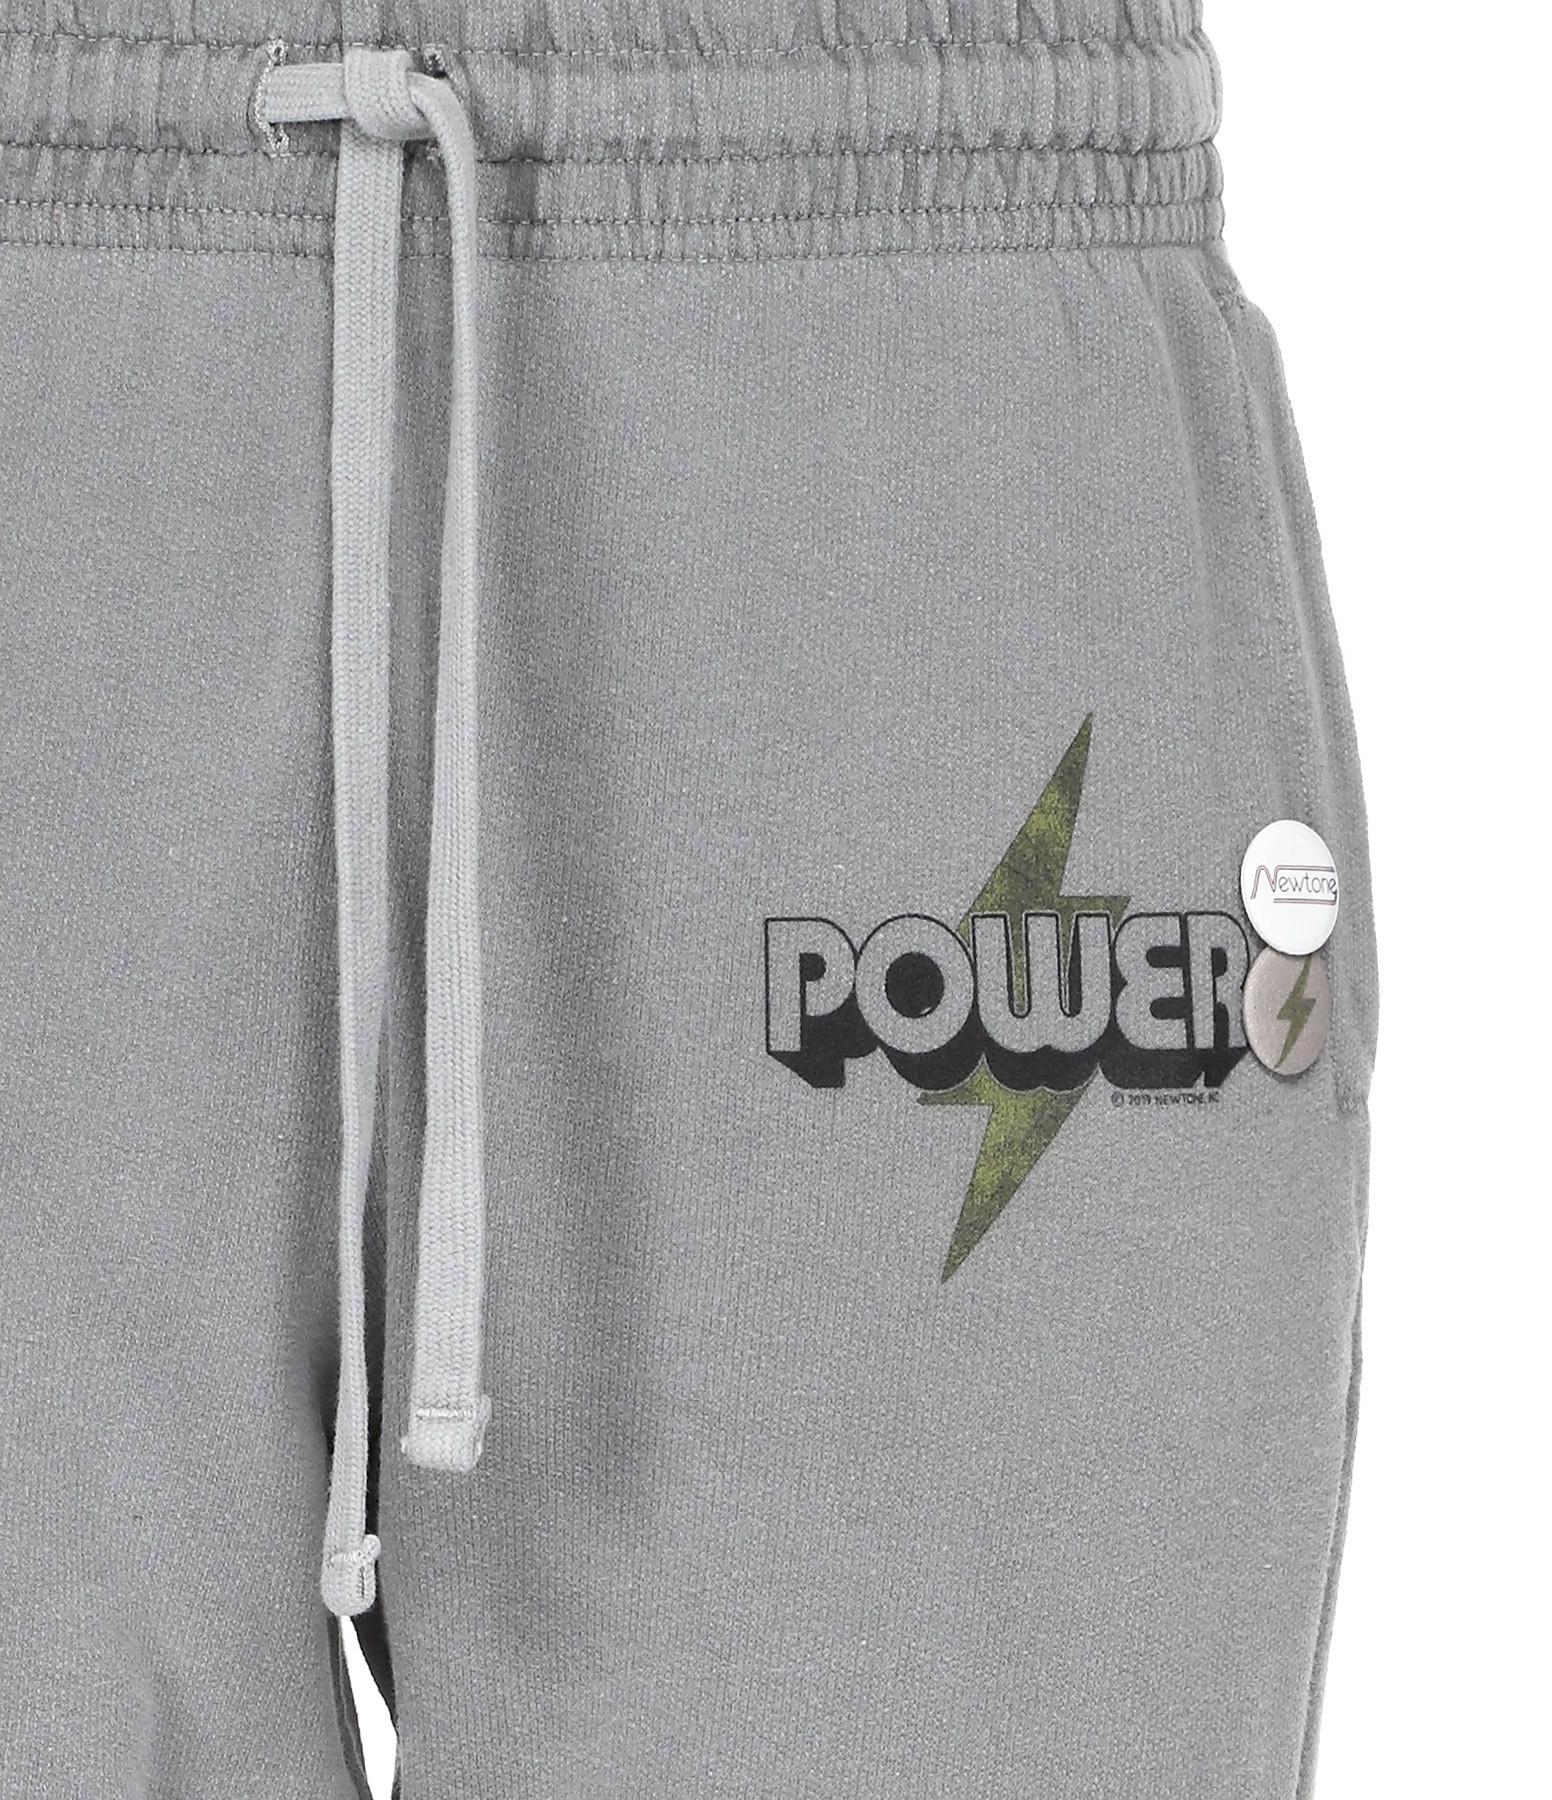 NEWTONE - Jogging Power Coton Gris